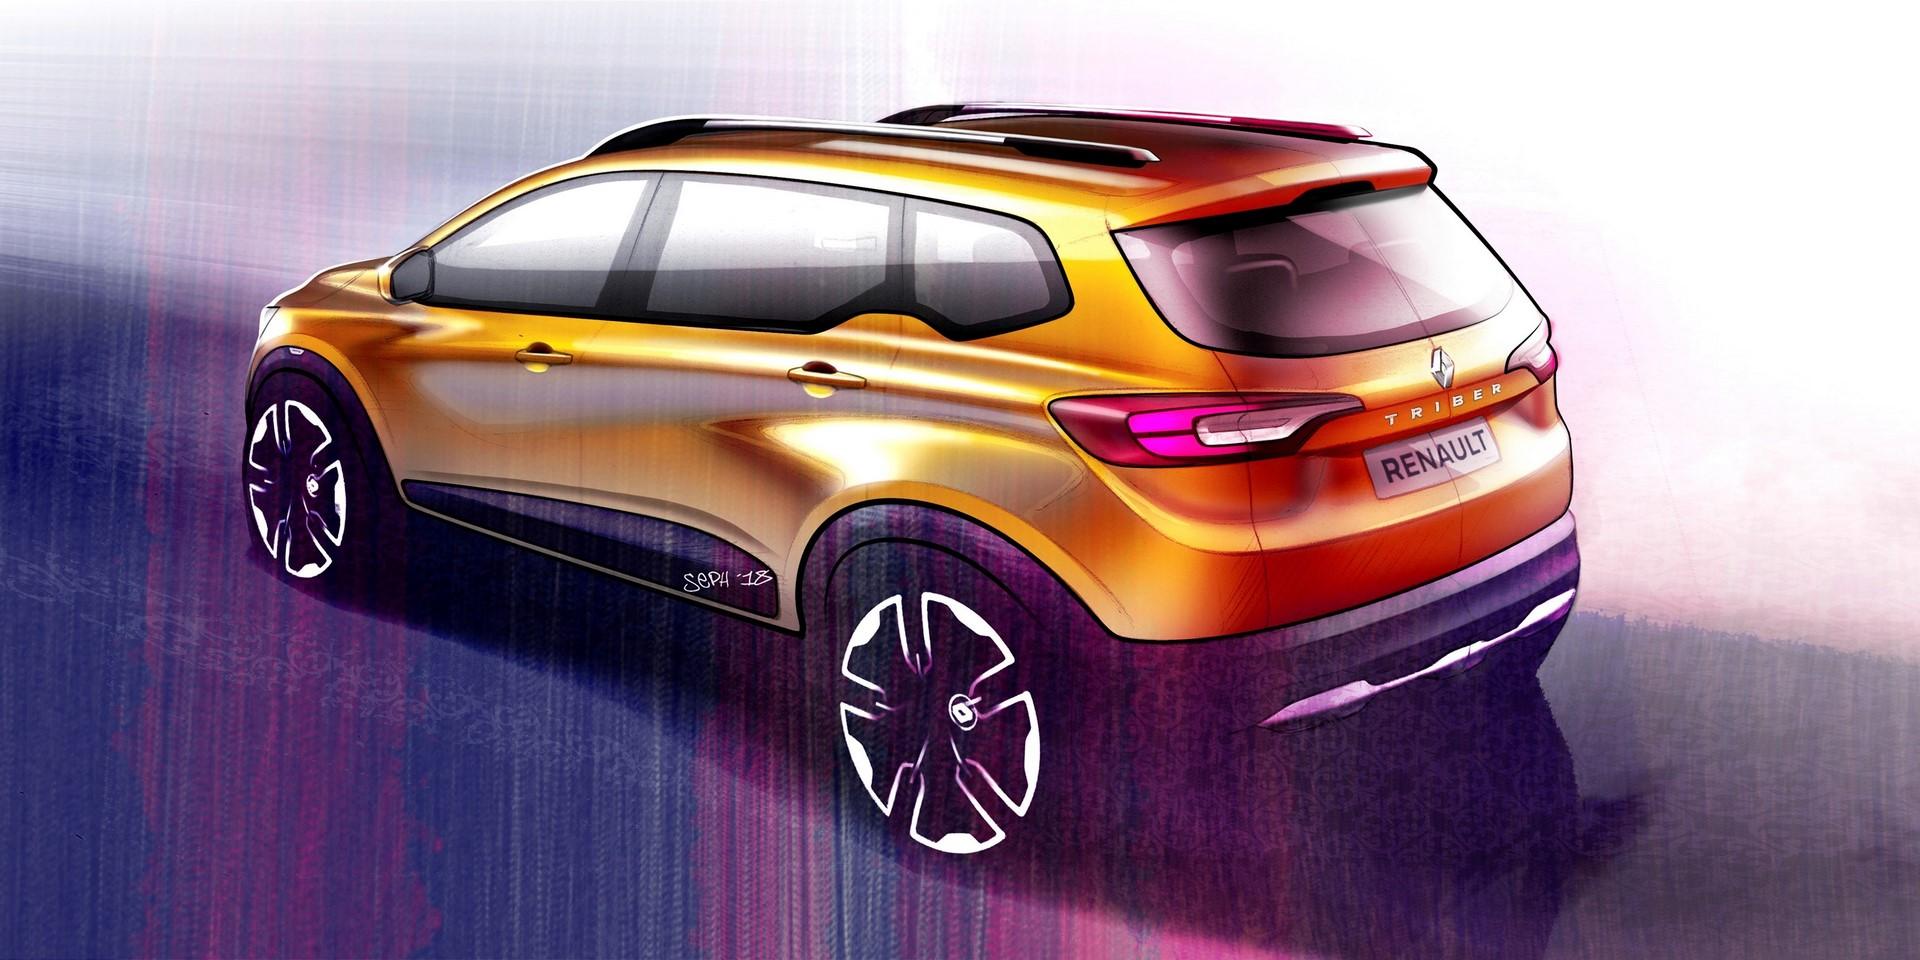 2019 - Nouveau Renault TRIBER